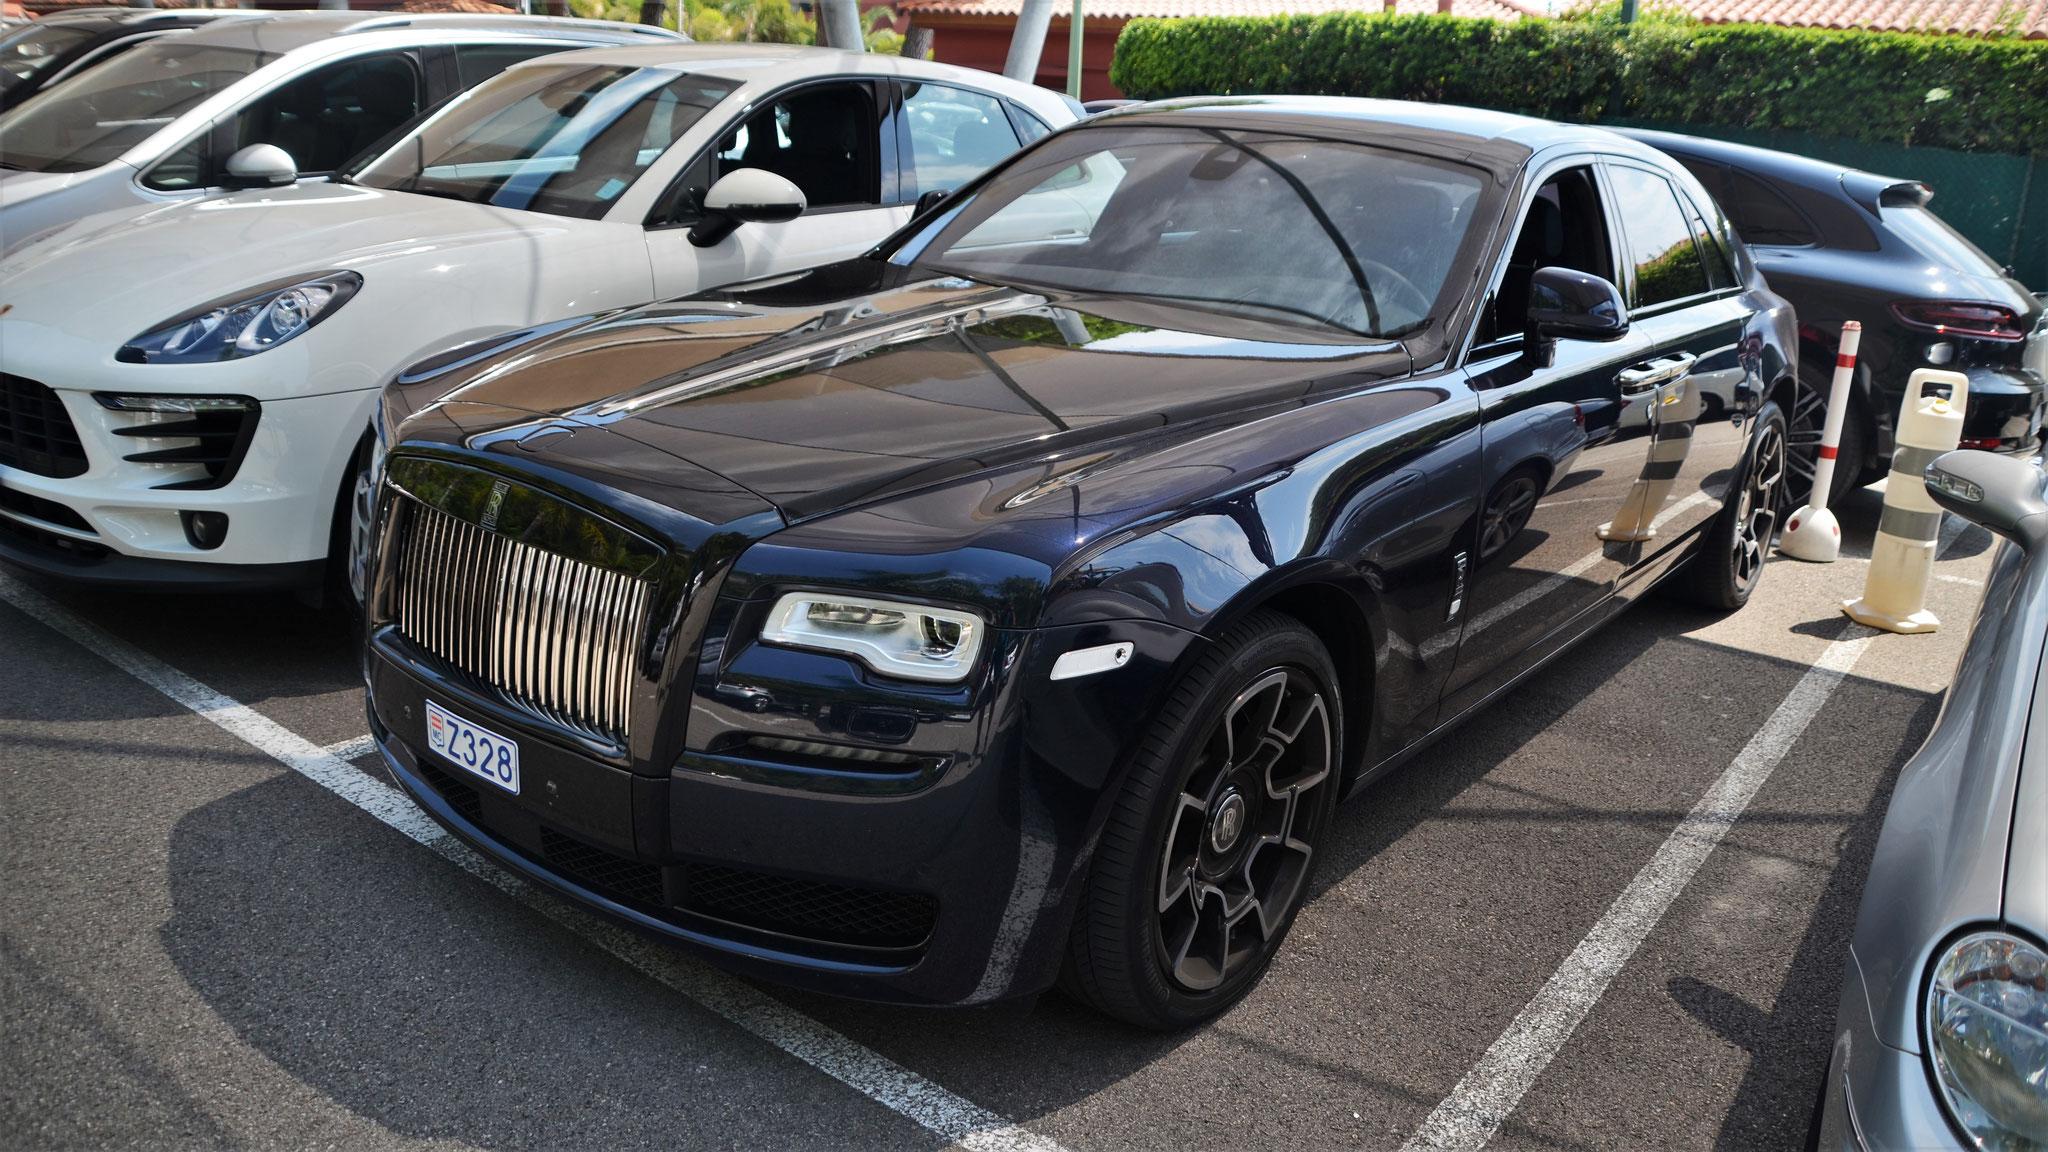 Rolls Royce Ghost Series II - Z328 (MC)